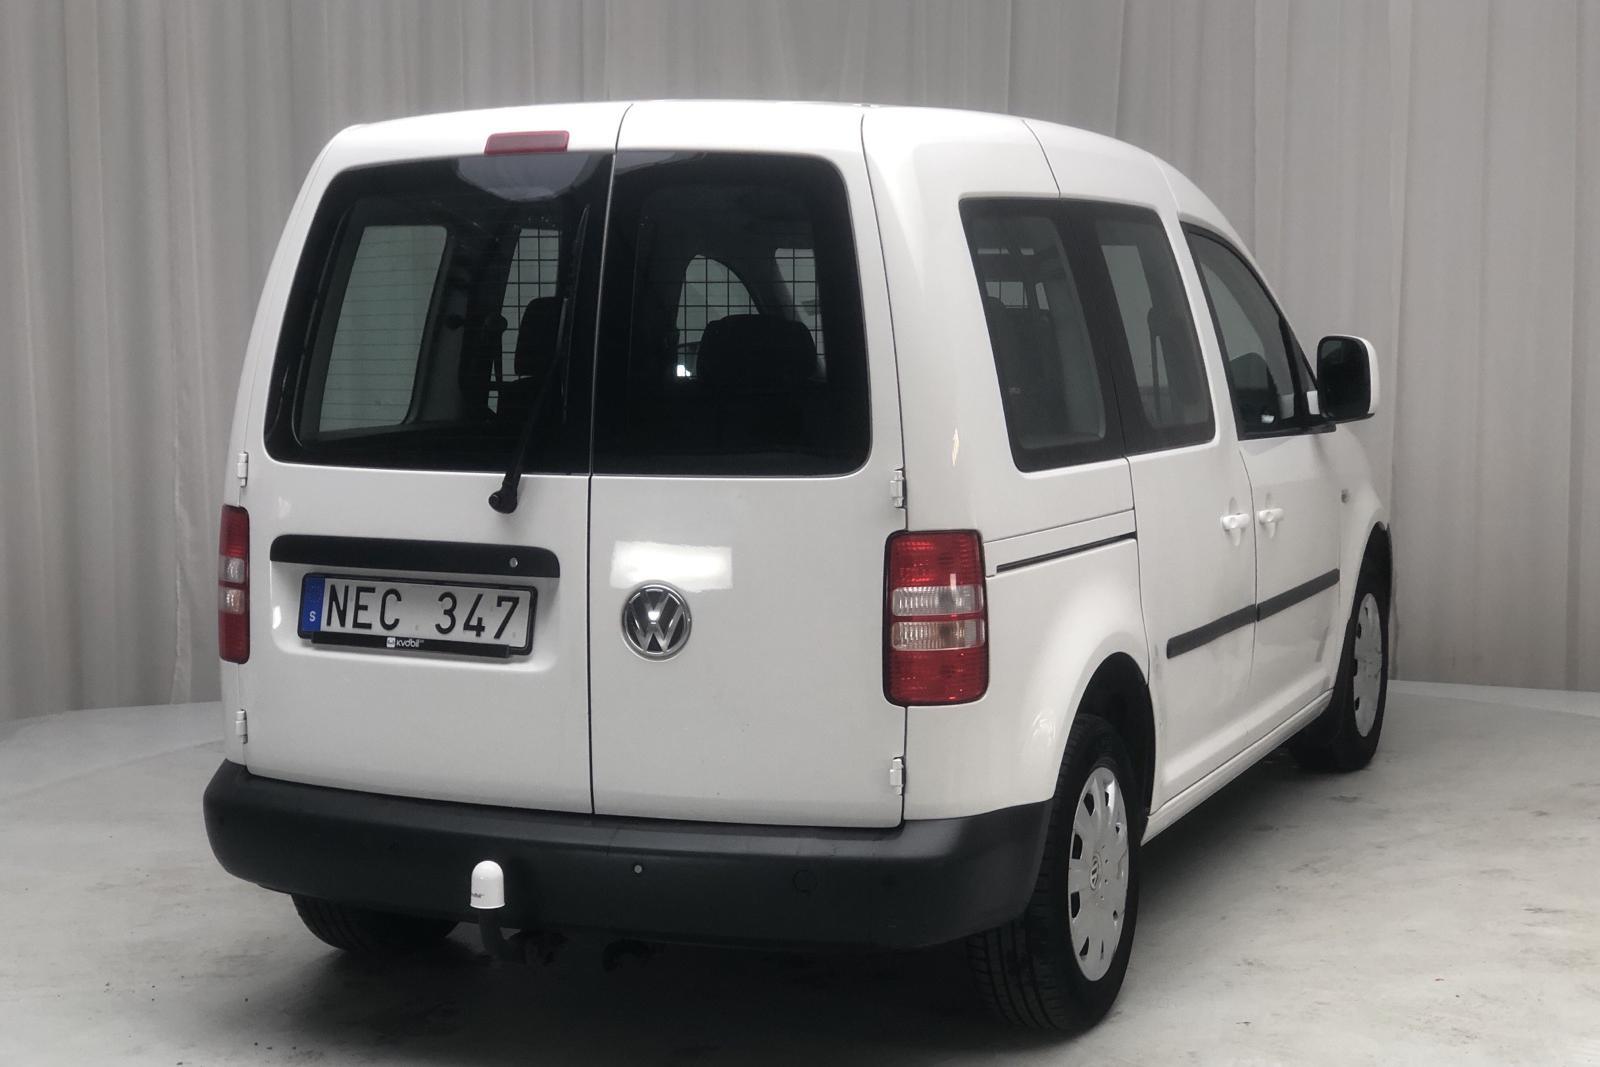 VW Caddy MPV 2.0 EcoFuel Life (109hk) - 0 km - Manual - white - 2013